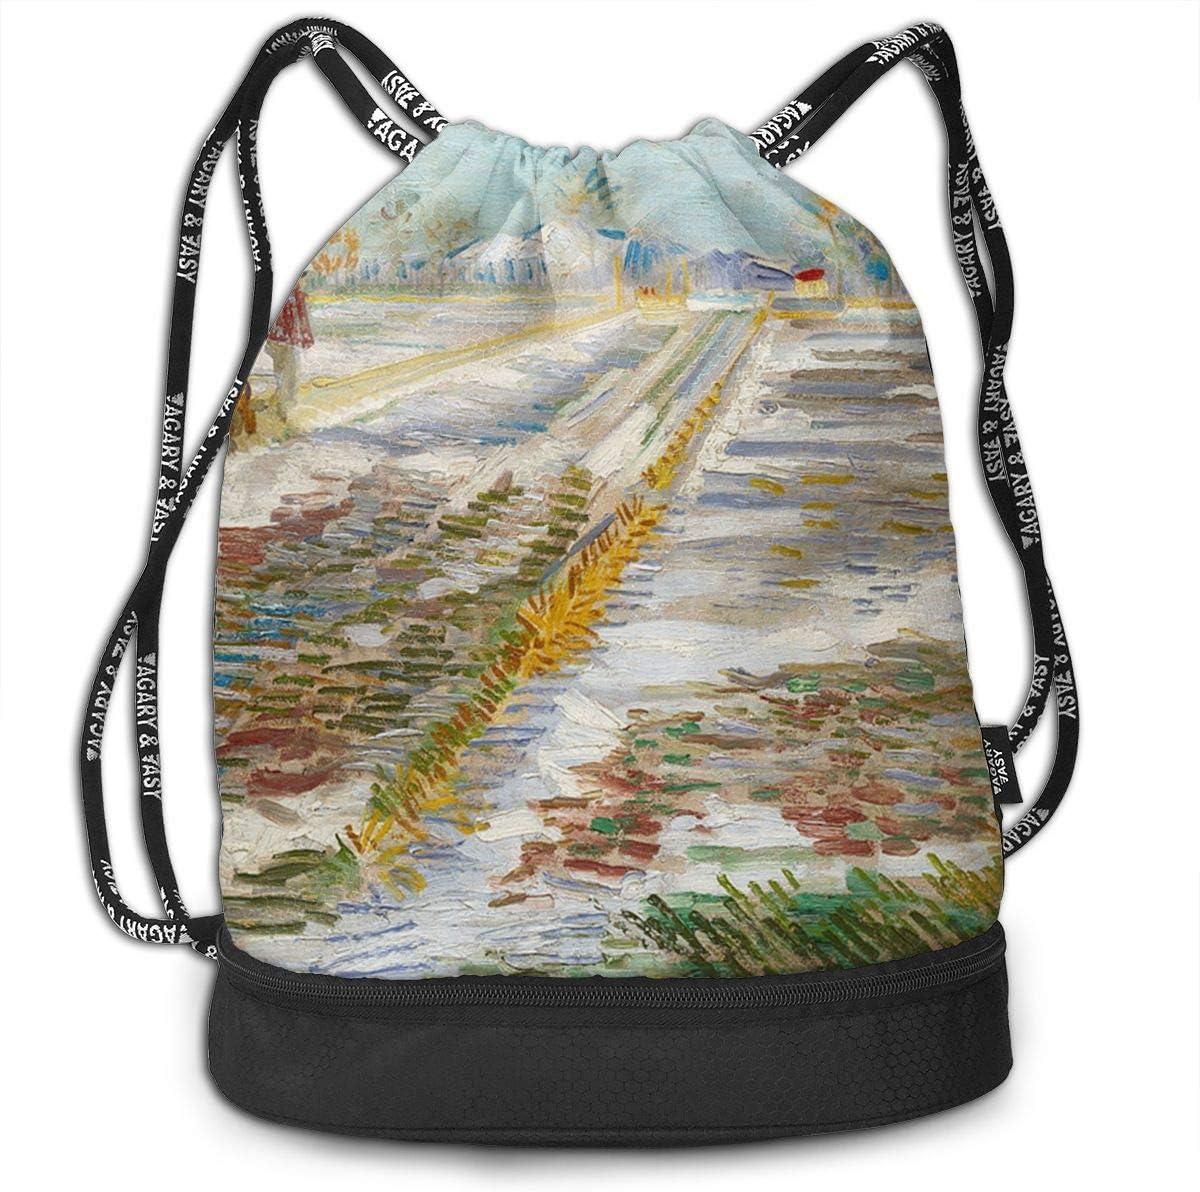 HUOPR5Q Landscape with Snow Drawstring Backpack Sport Gym Sack Shoulder Bulk Bag Dance Bag for School Travel